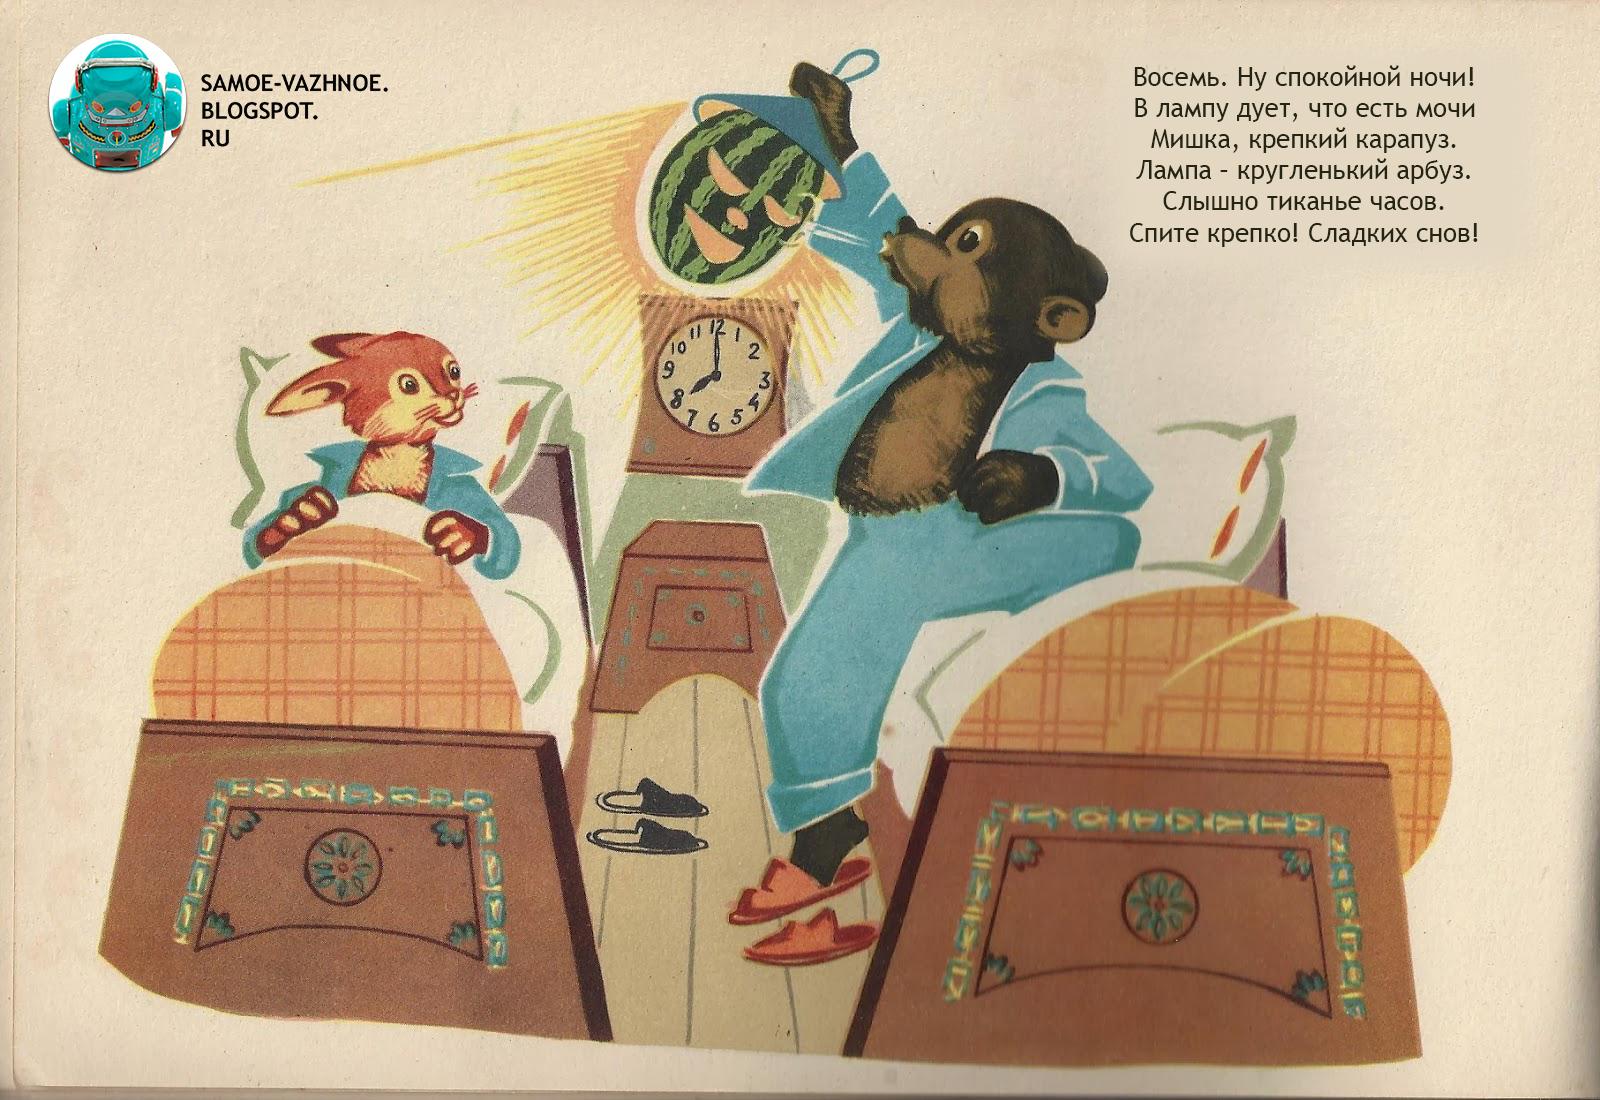 Библиотека советских детских книг. Библиотека детские книги СССР